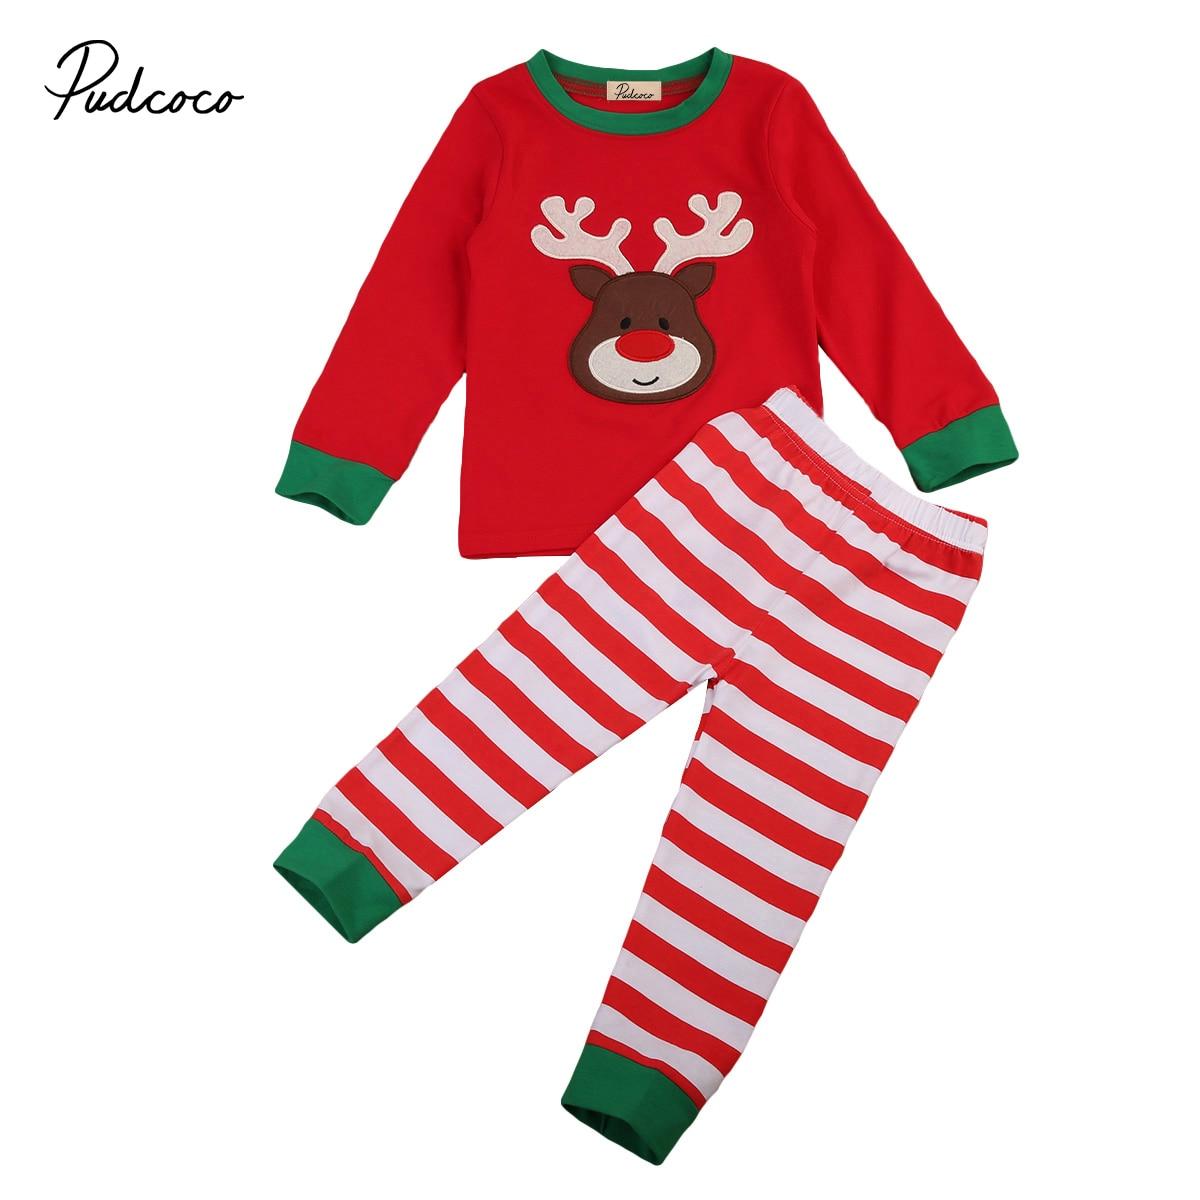 Pudcoco Christmas Children Kids Girls Pyjamas Pjs Set Xmas Deer Long Sleeve Cotton Sleepwear Nightwear 1-7Y